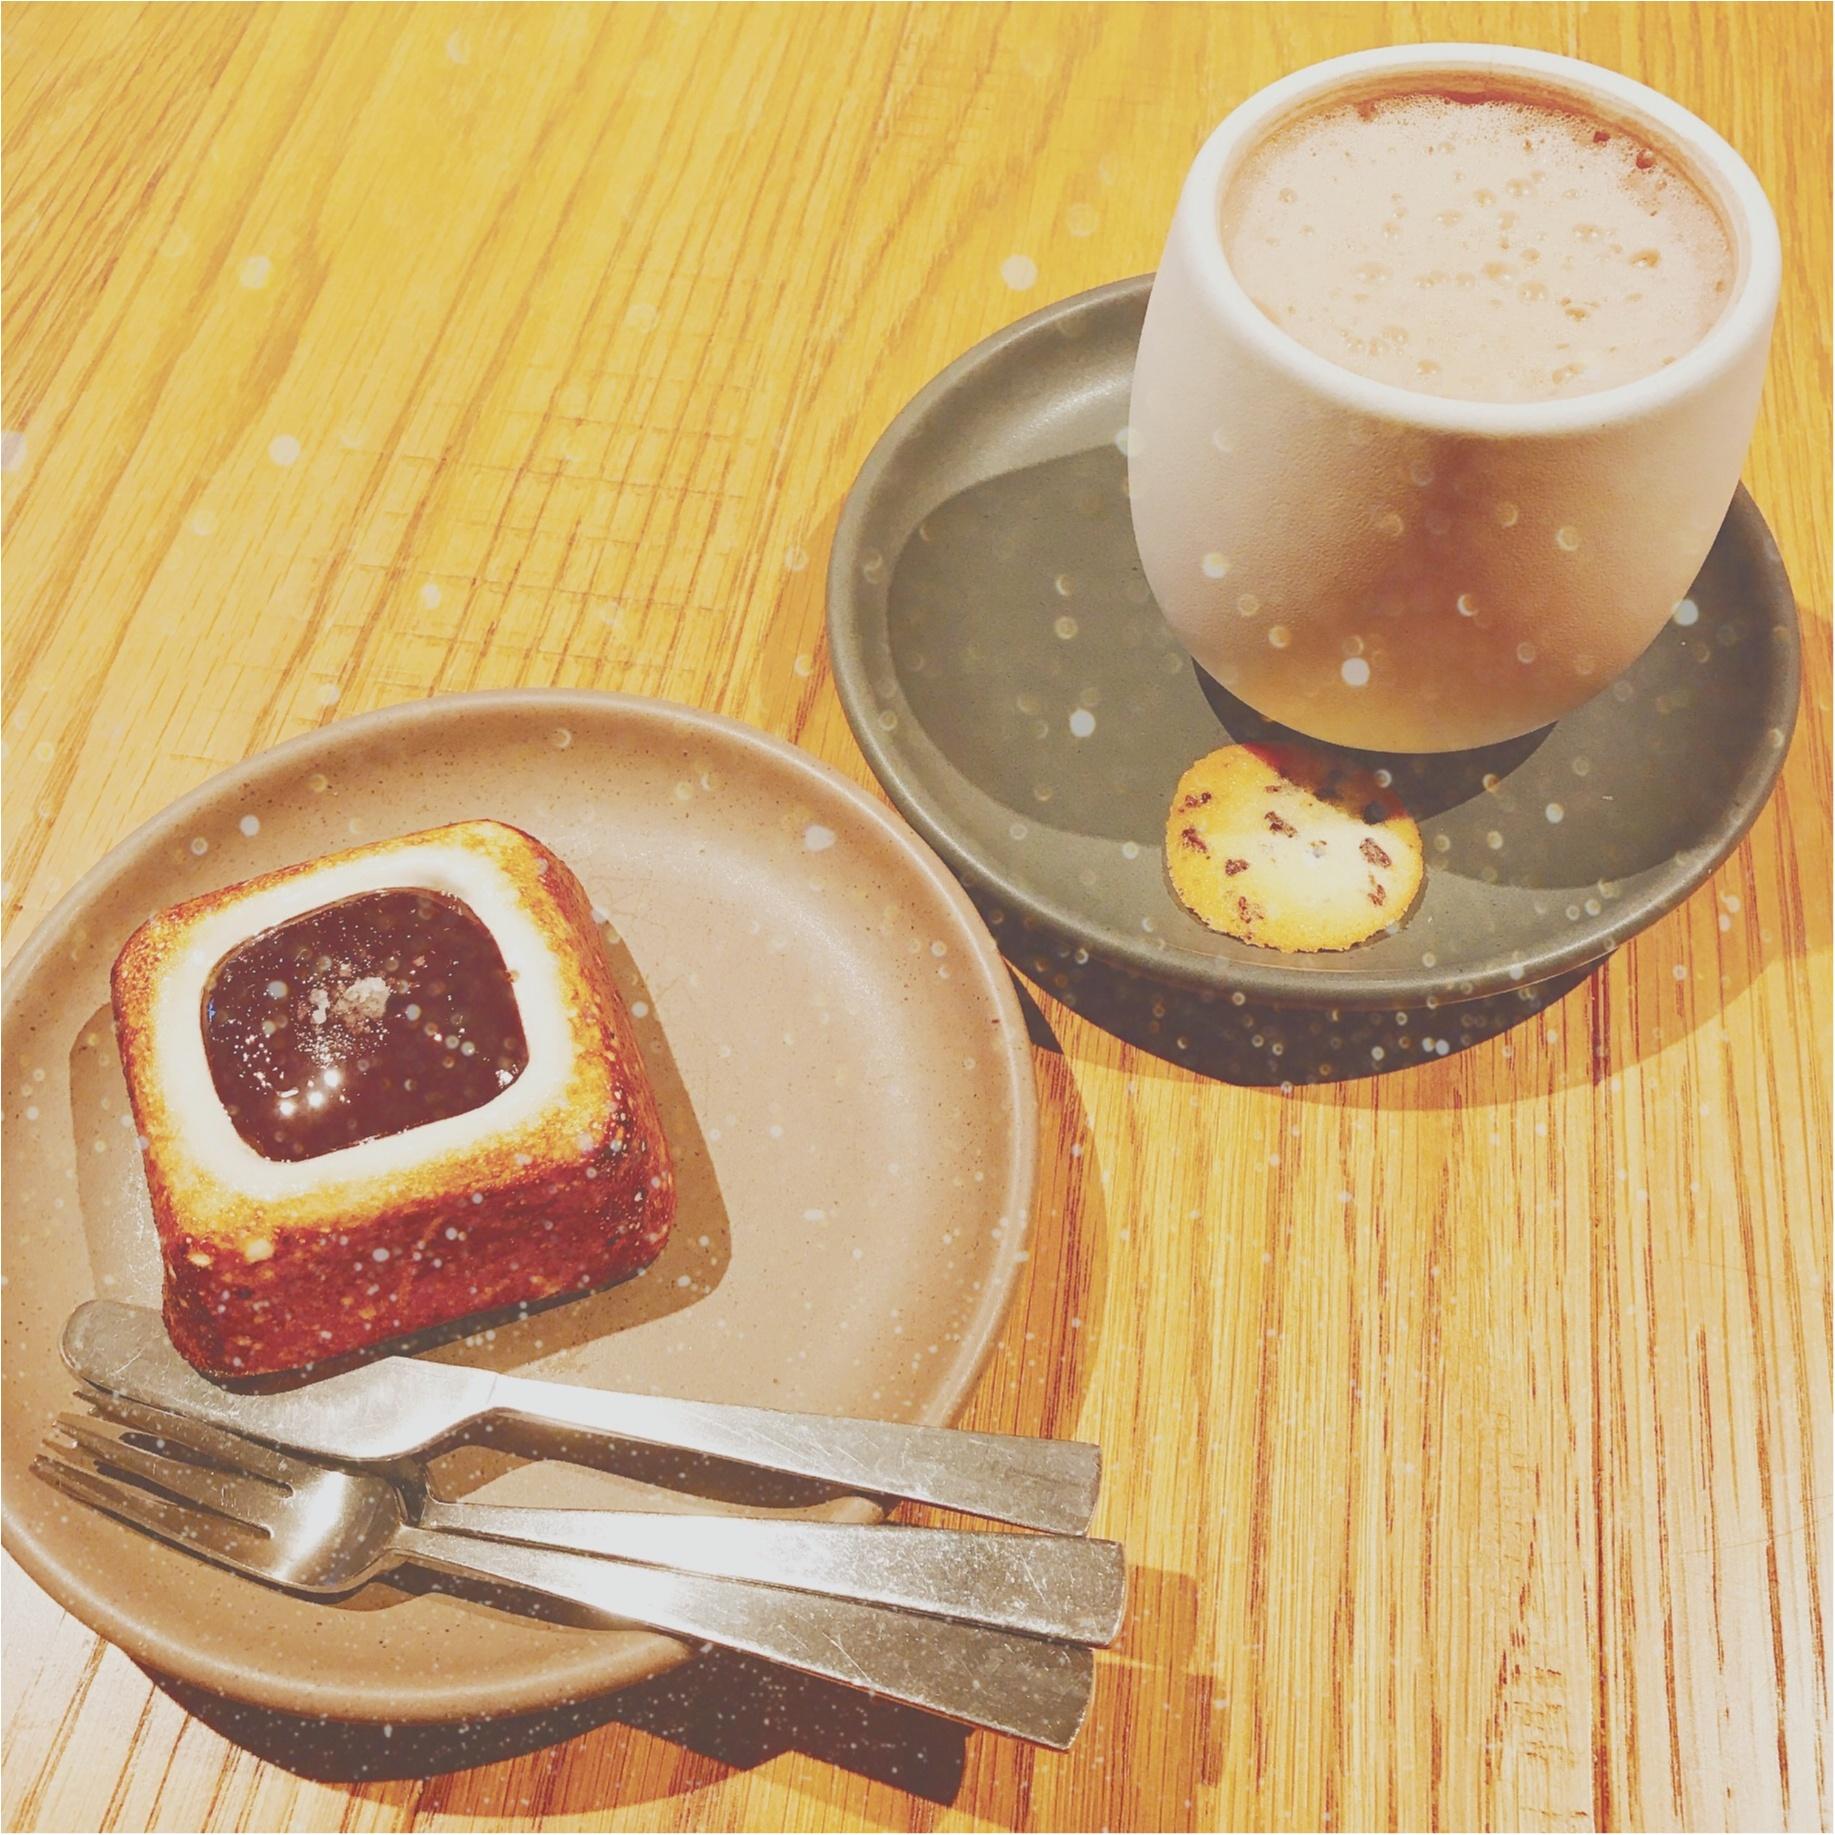 """香りを食べる♡チョコレートの新トレンド""""Bean to bar""""の専門店「ダンデライオン・チョコレート」@蔵前☻コンビニでも本格派のチョコレートが買えちゃう!?_3"""